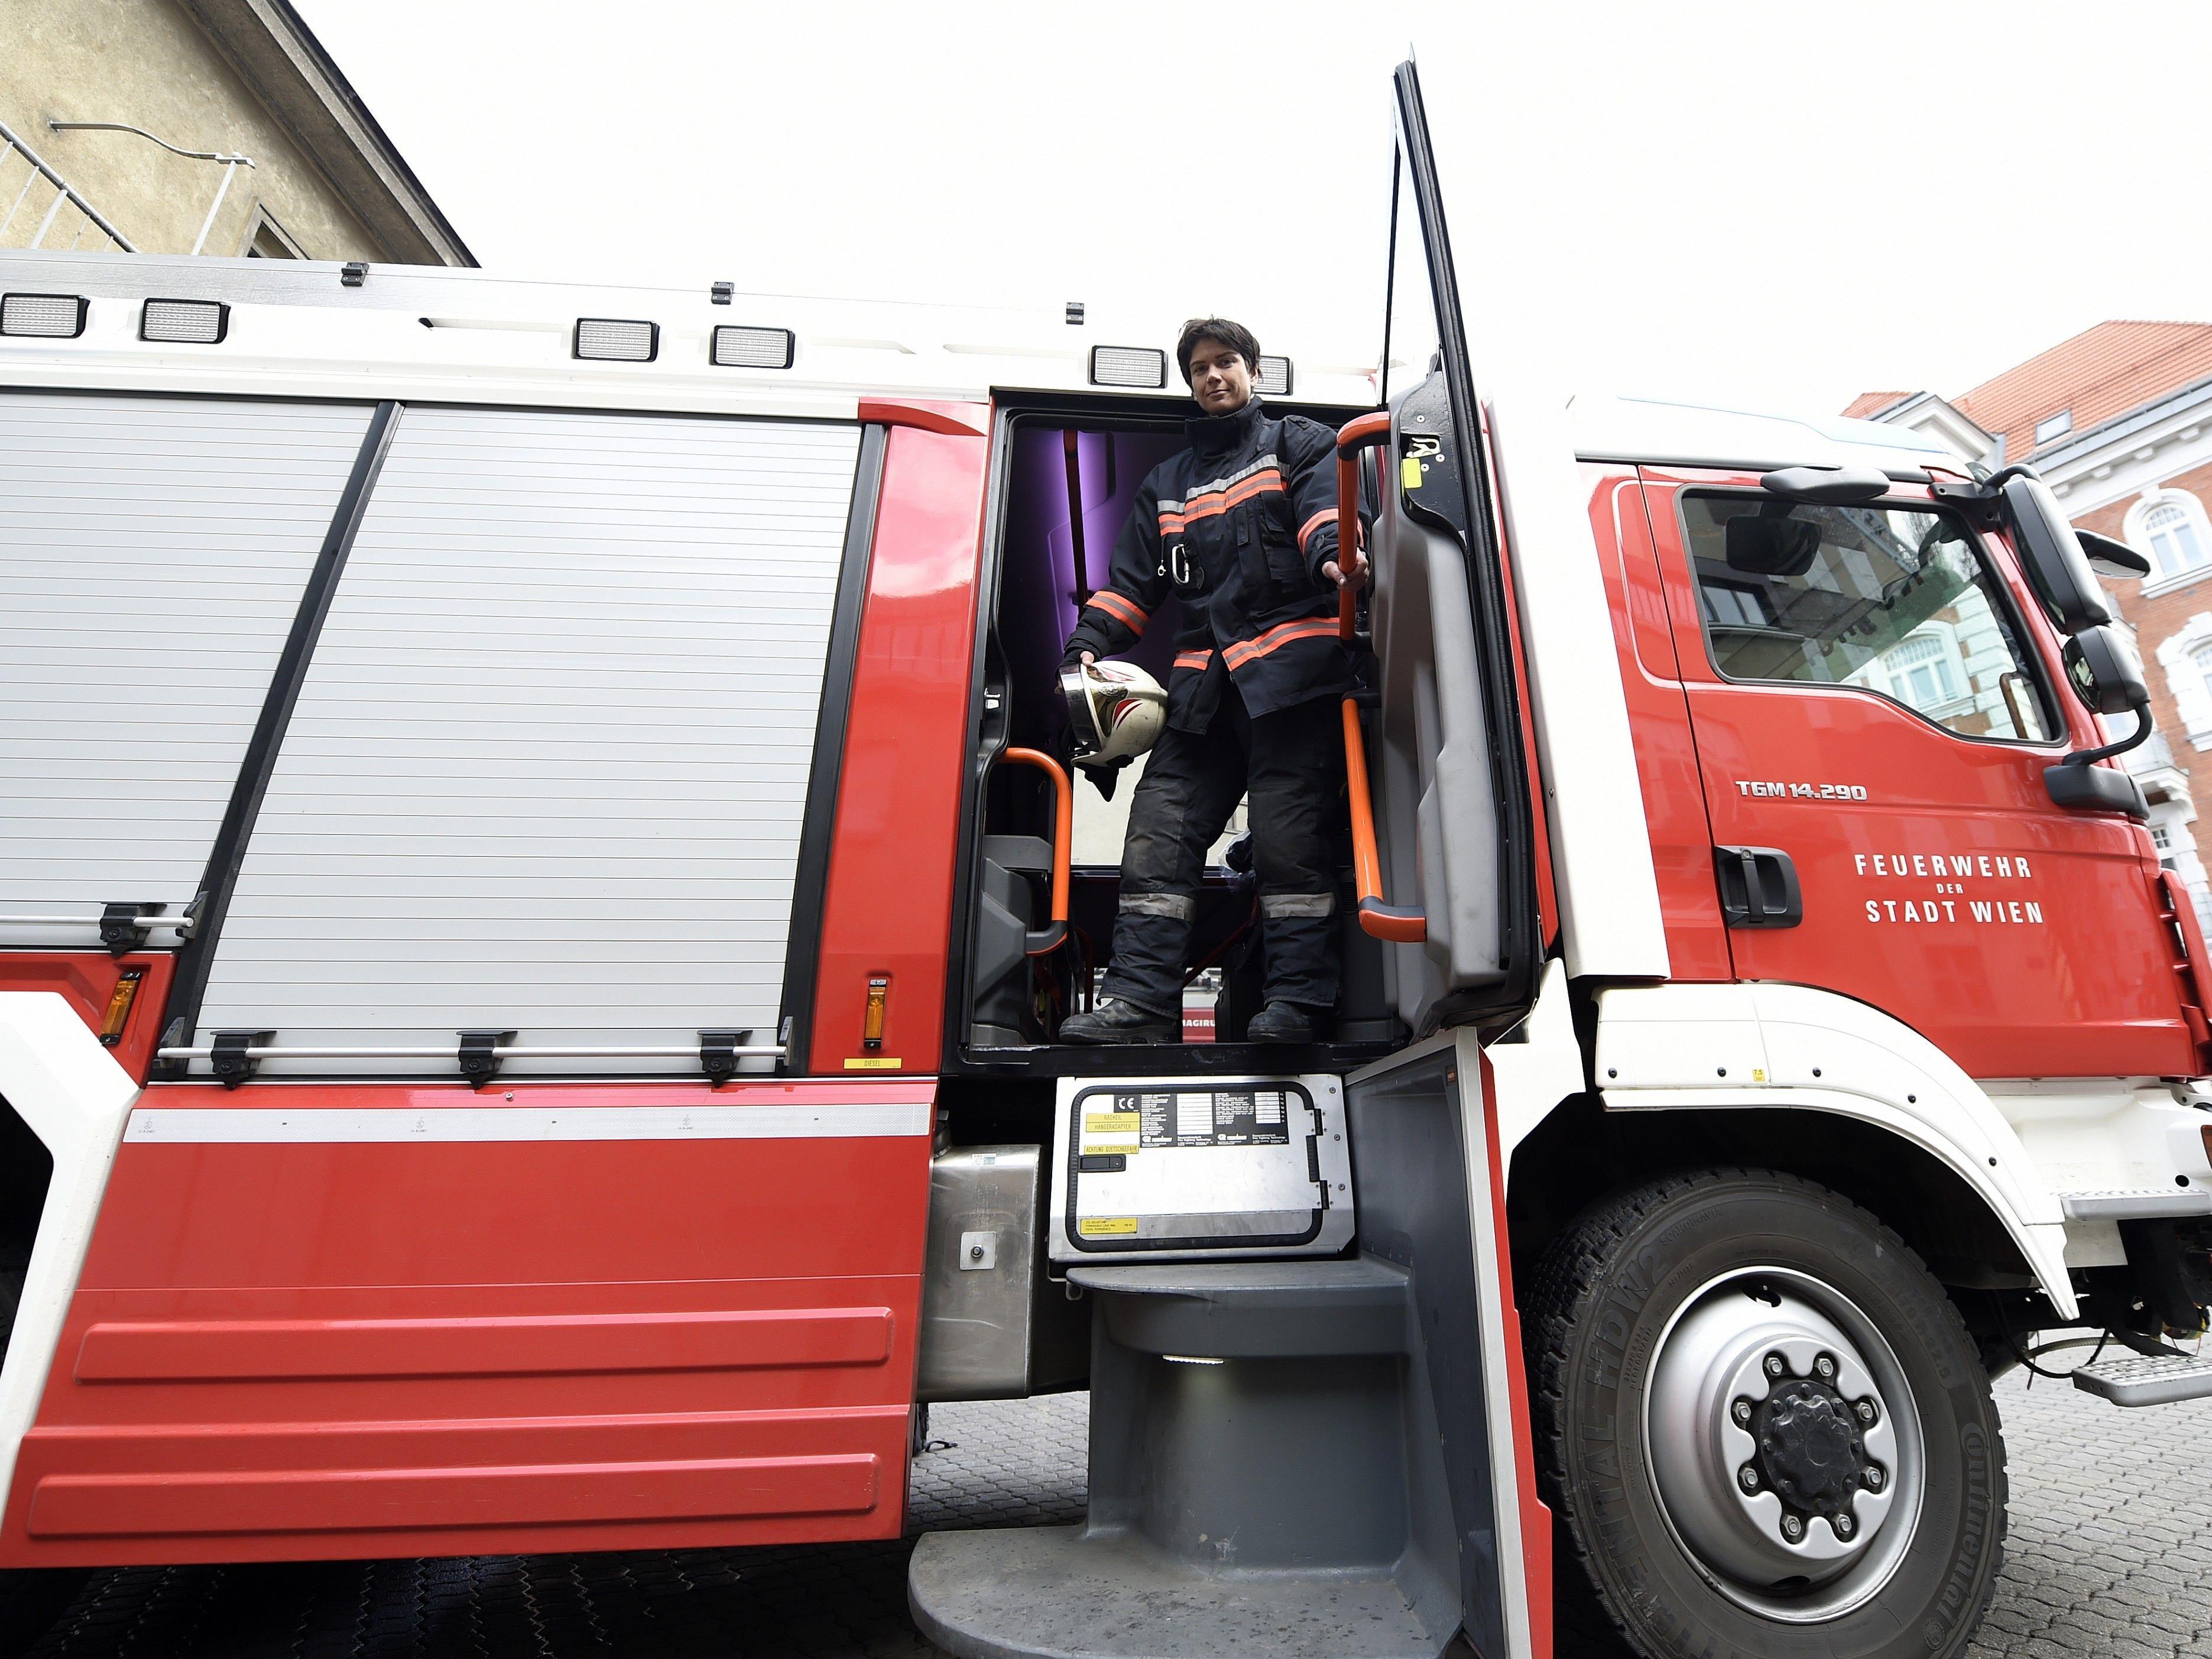 Die Feuerwehr fand die Cannabis-Aufzucht während eines Einsatzes.